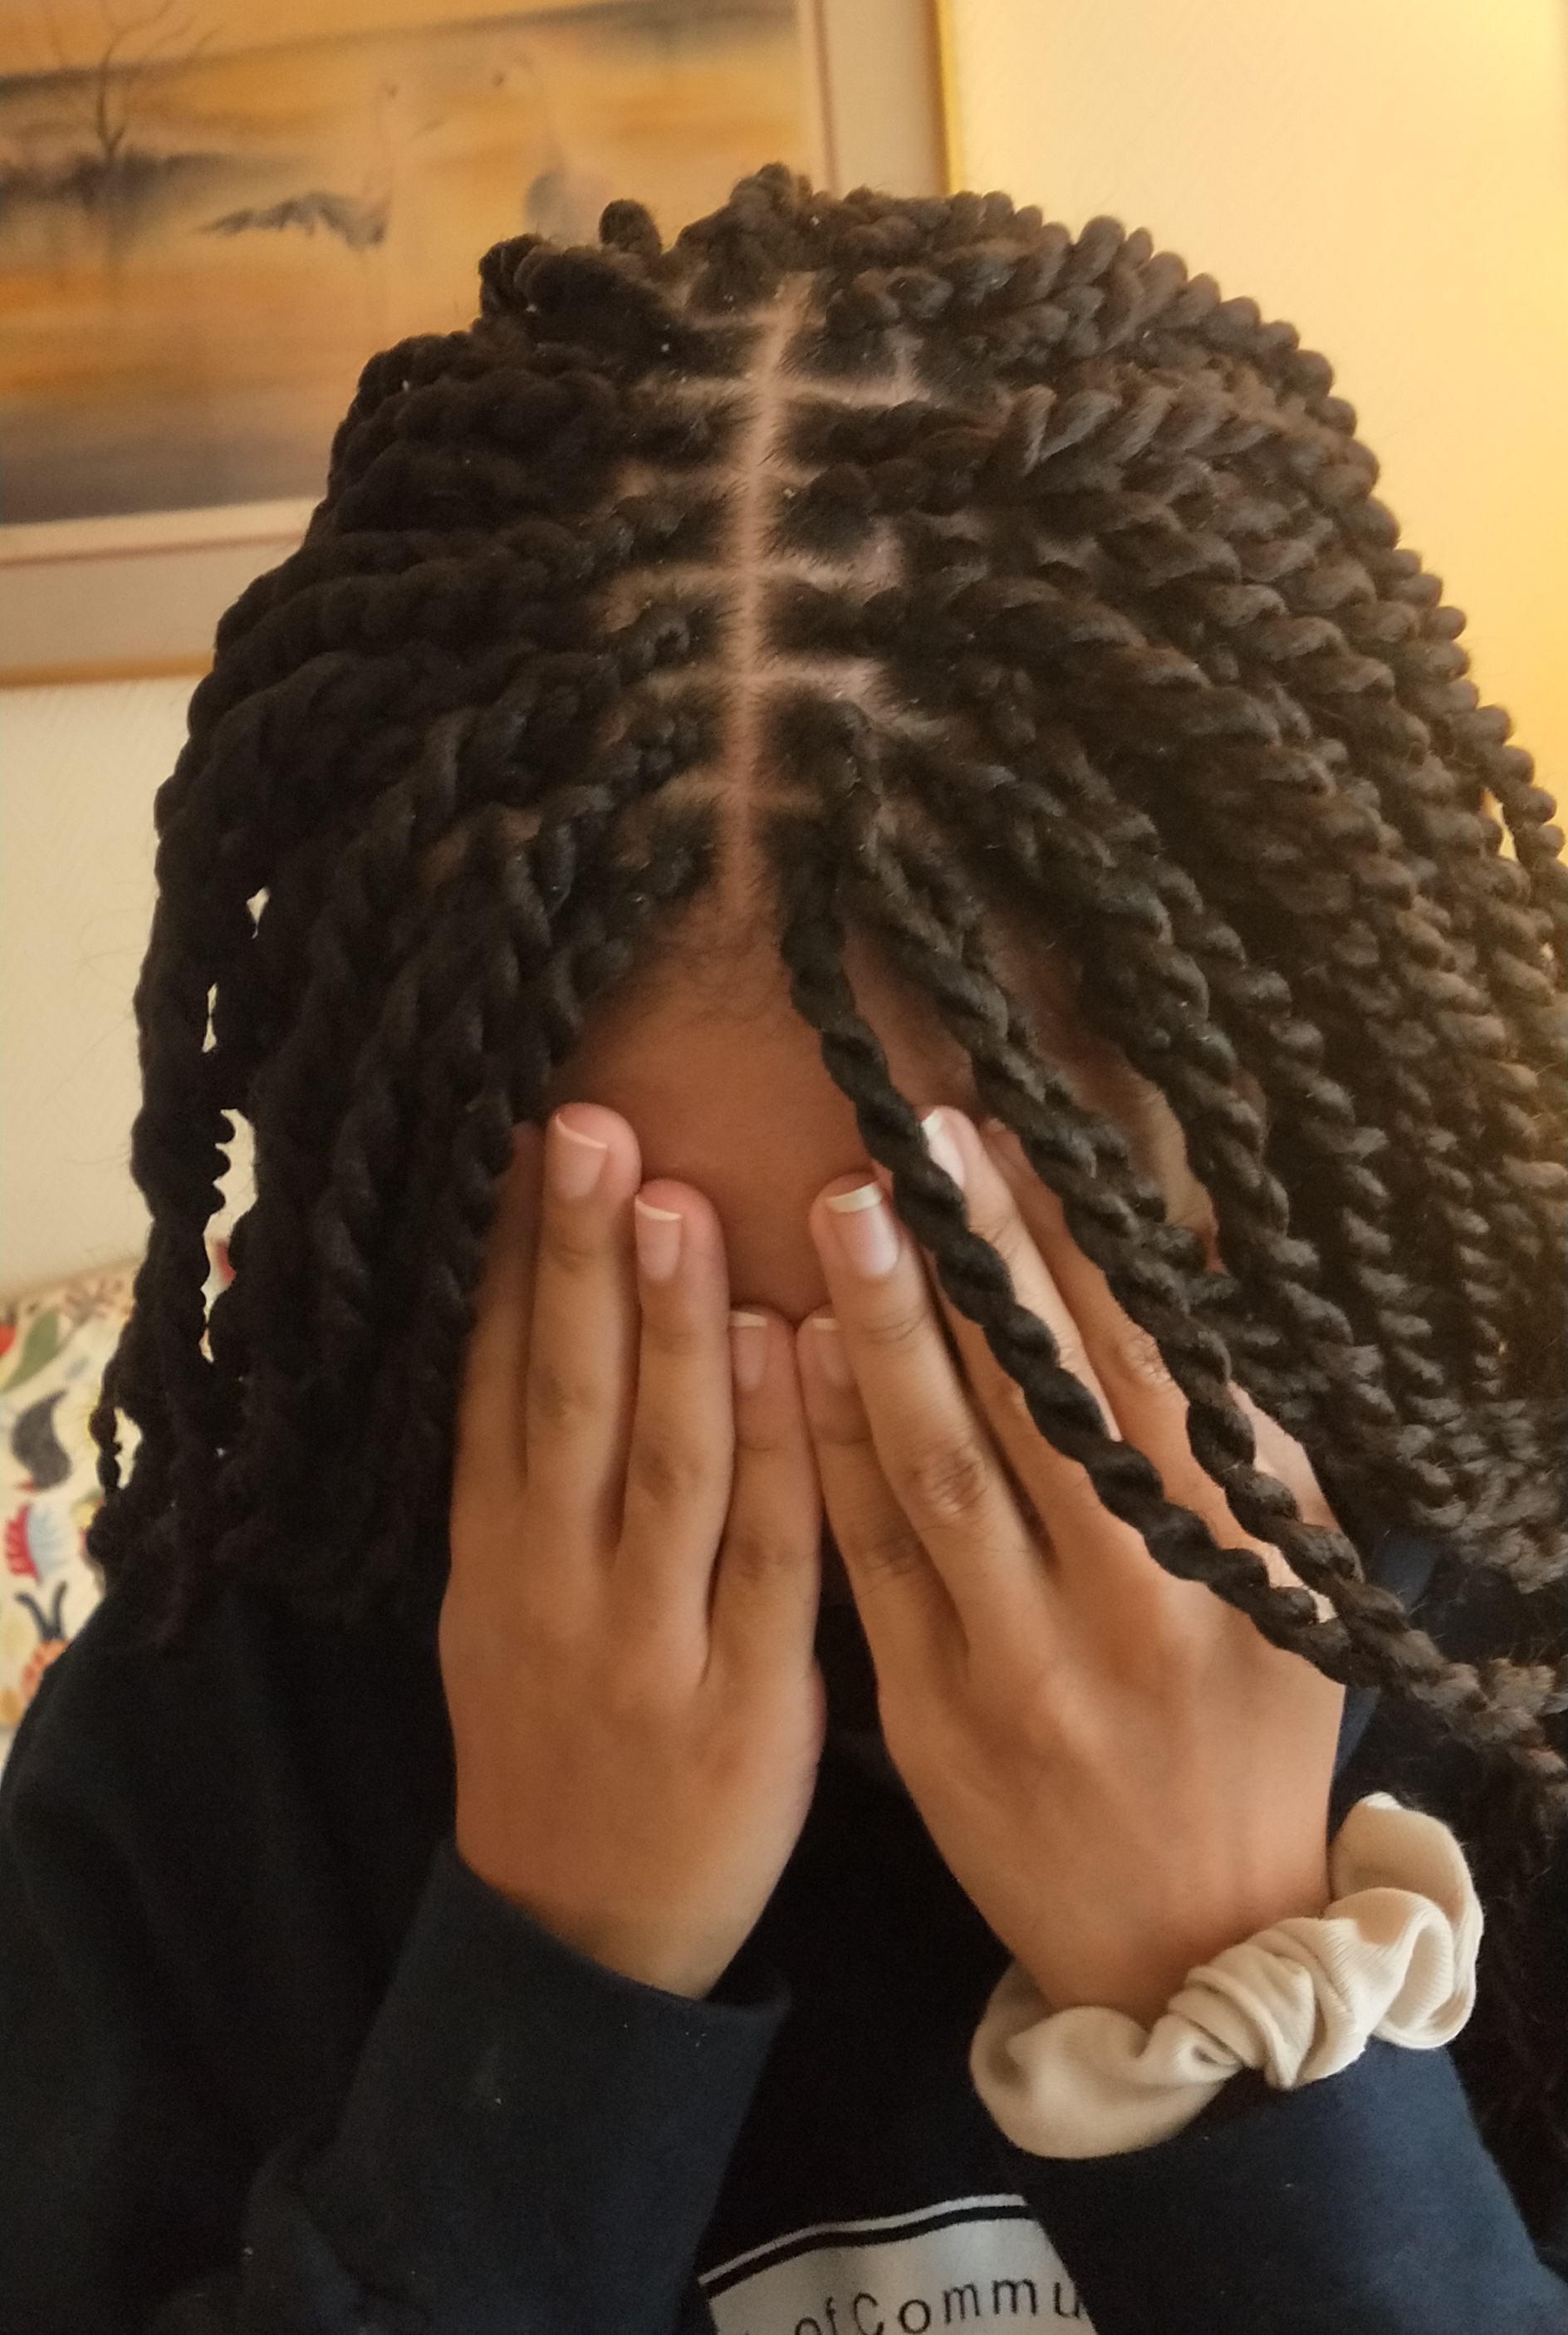 salon de coiffure afro tresse tresses box braids crochet braids vanilles tissages paris 75 77 78 91 92 93 94 95 WRTWKGLE